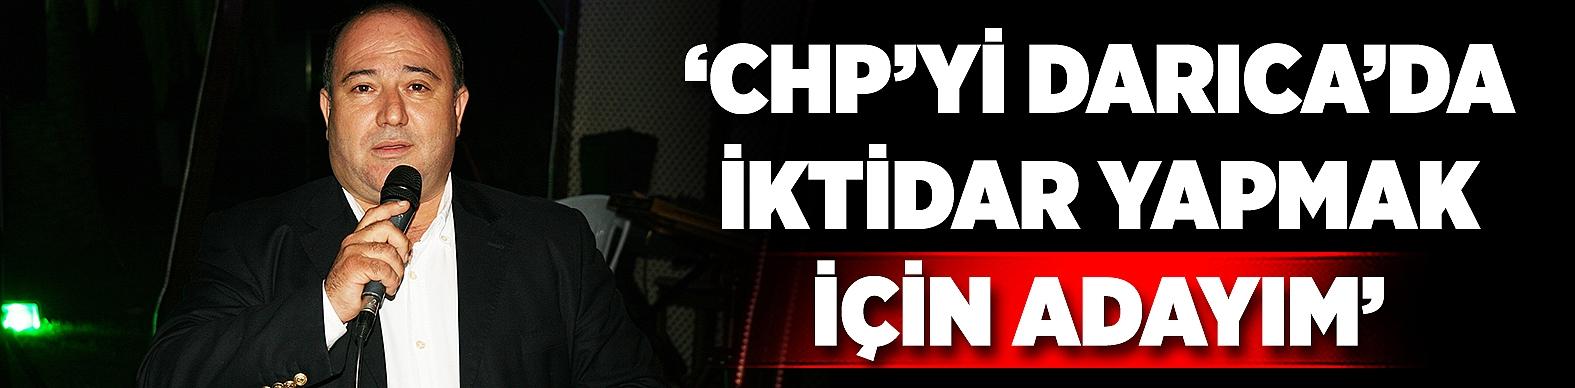 'CHP'Yİ DARICA'DA İKTİDAR YAPMAK İÇİN ADAYIM'